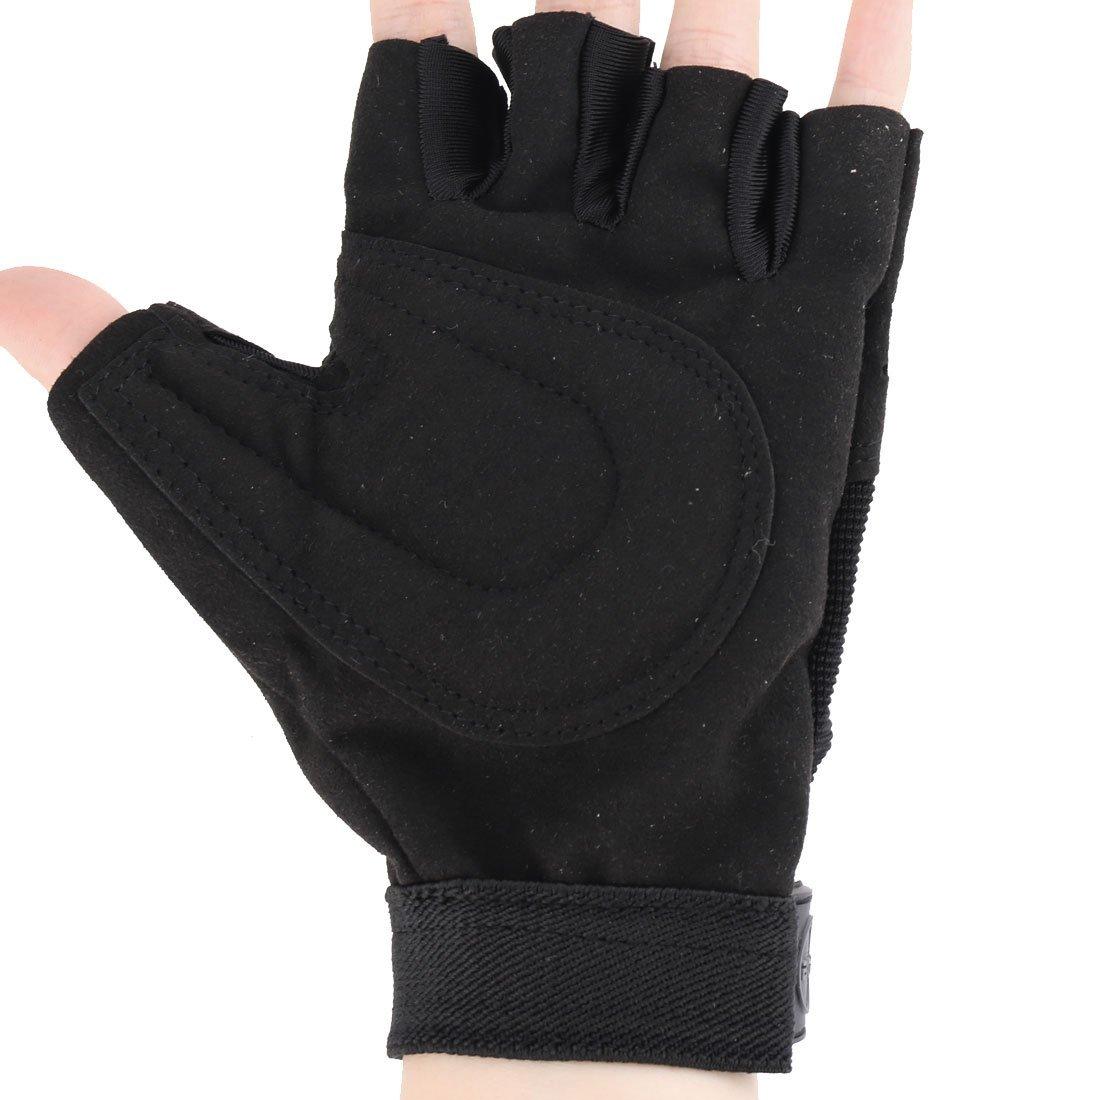 Amazon.com: eDealMax neopreno Medio dedo guantes de entrenamiento Deportivo Diseño Manos Protector Par Negro: Health & Personal Care